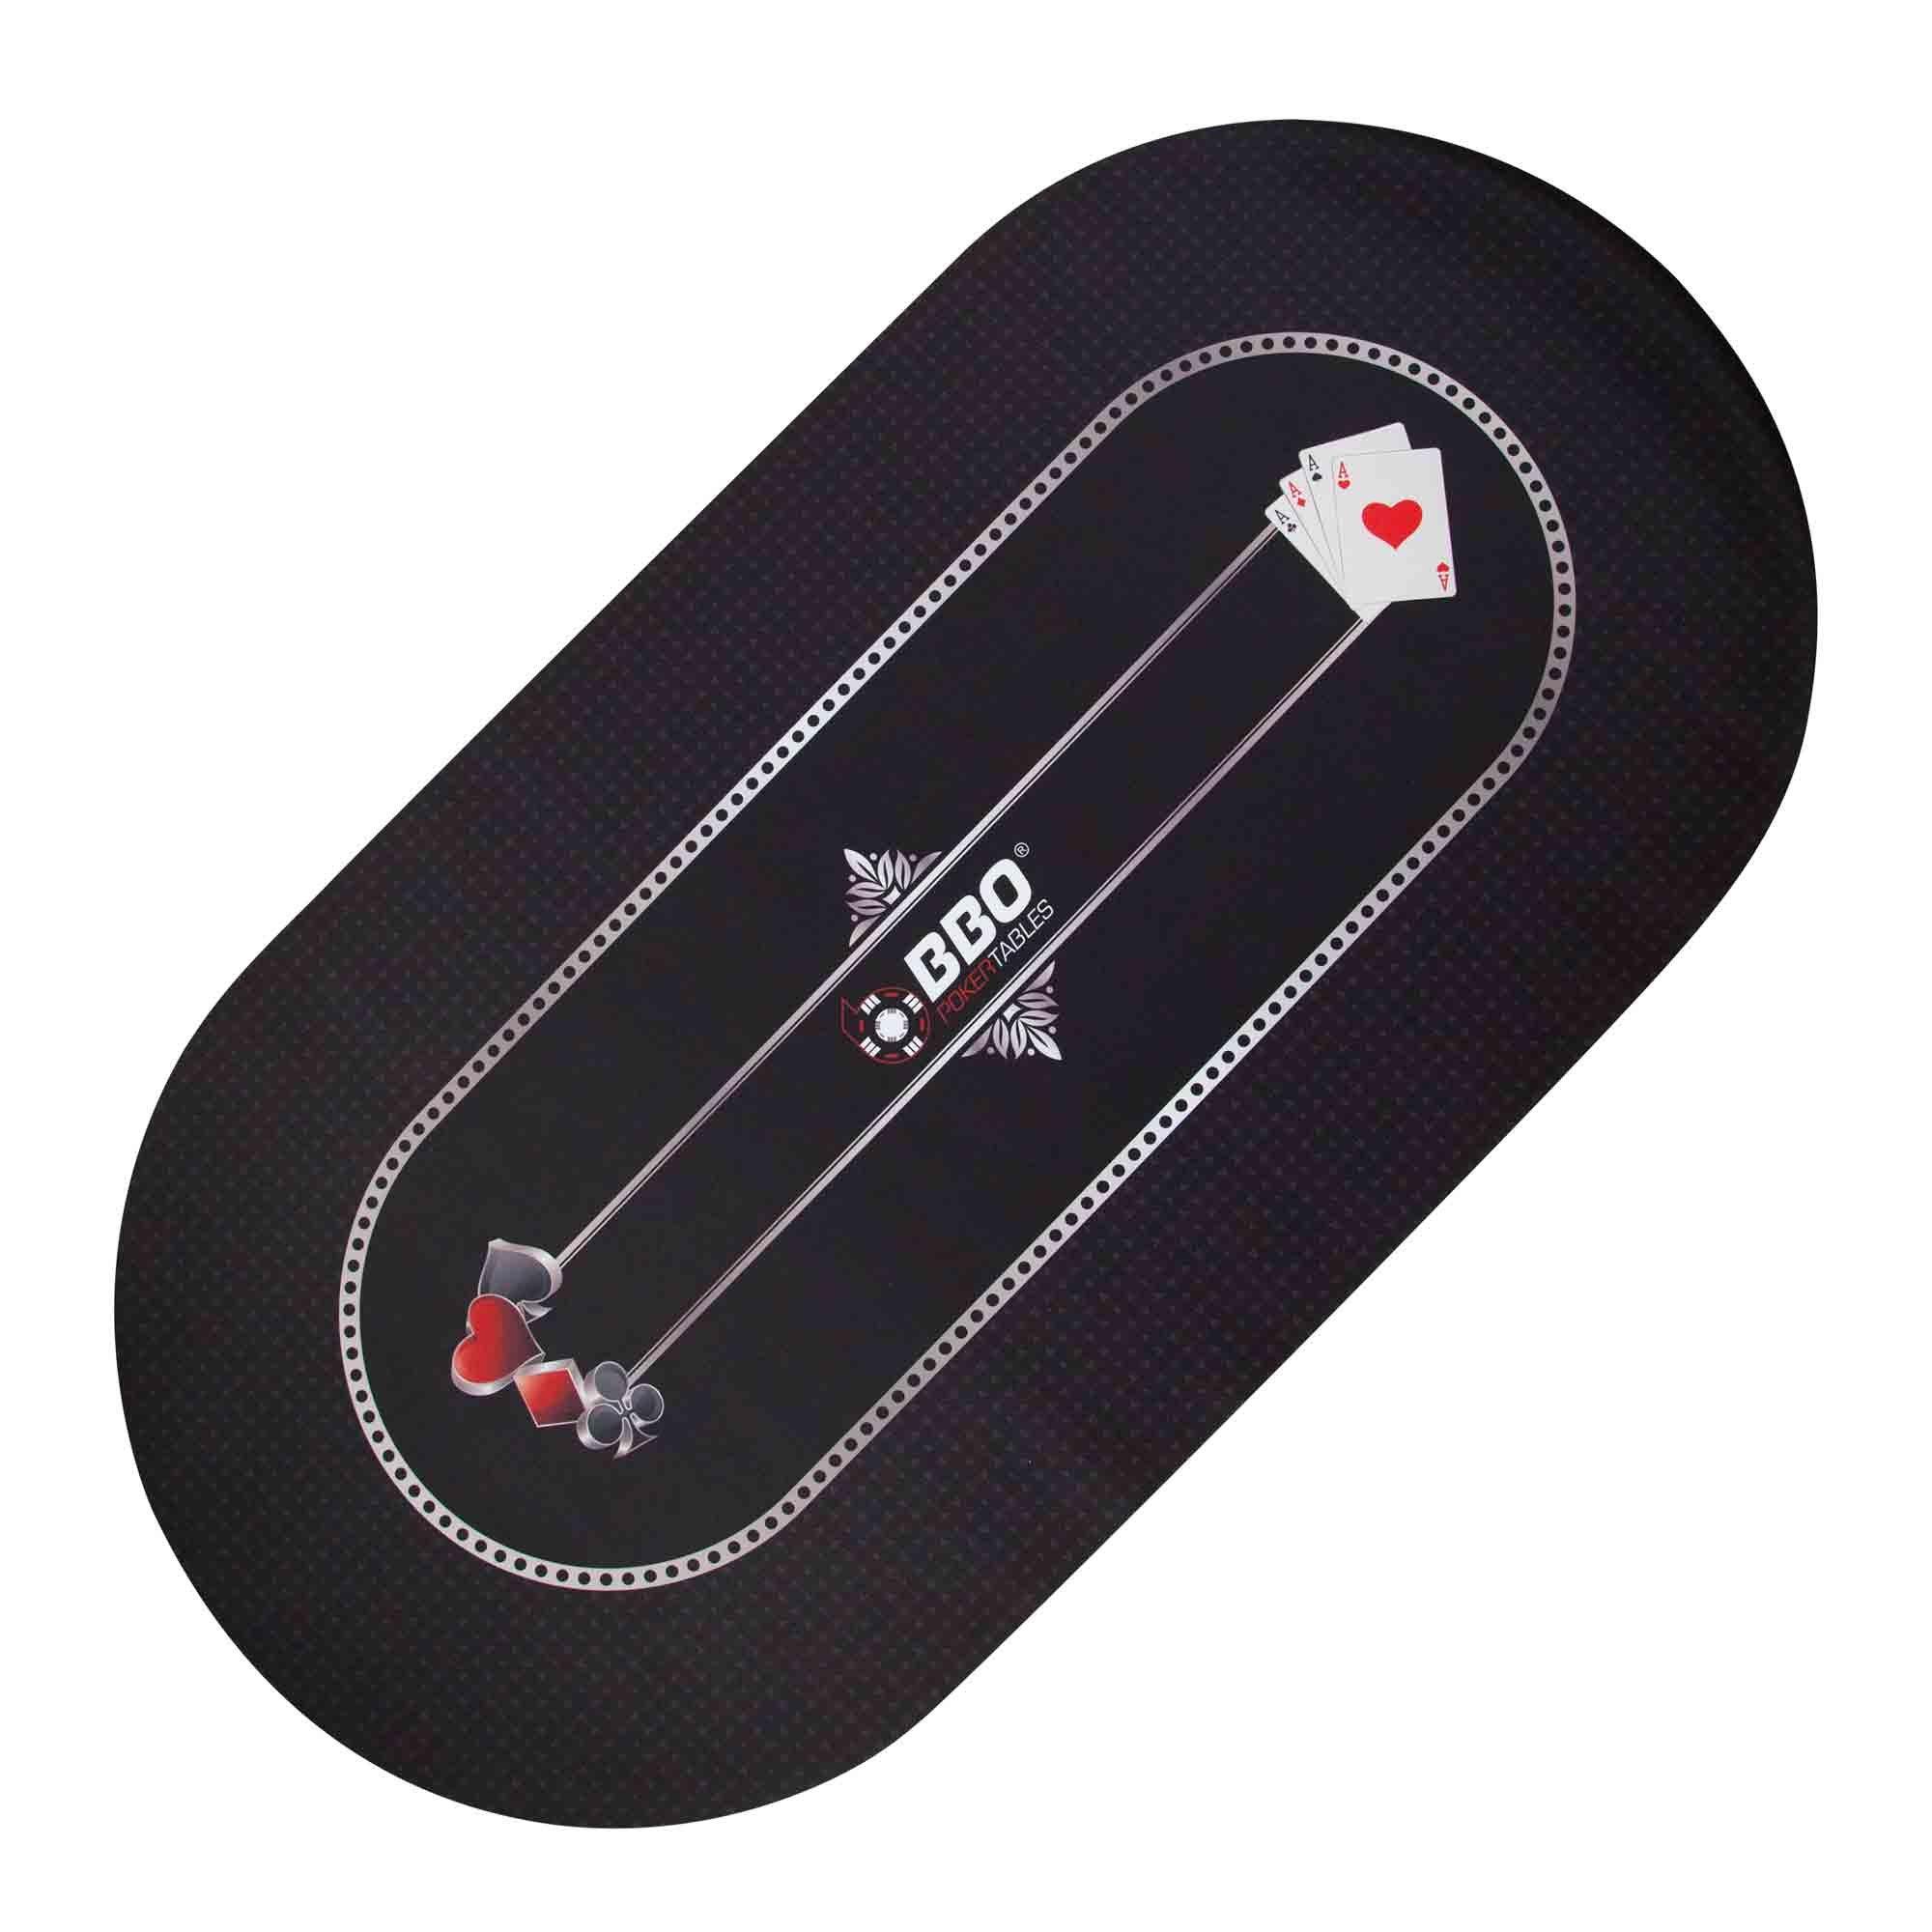 BBO Poker Portable Poker & Game Mat for 8 Players, black